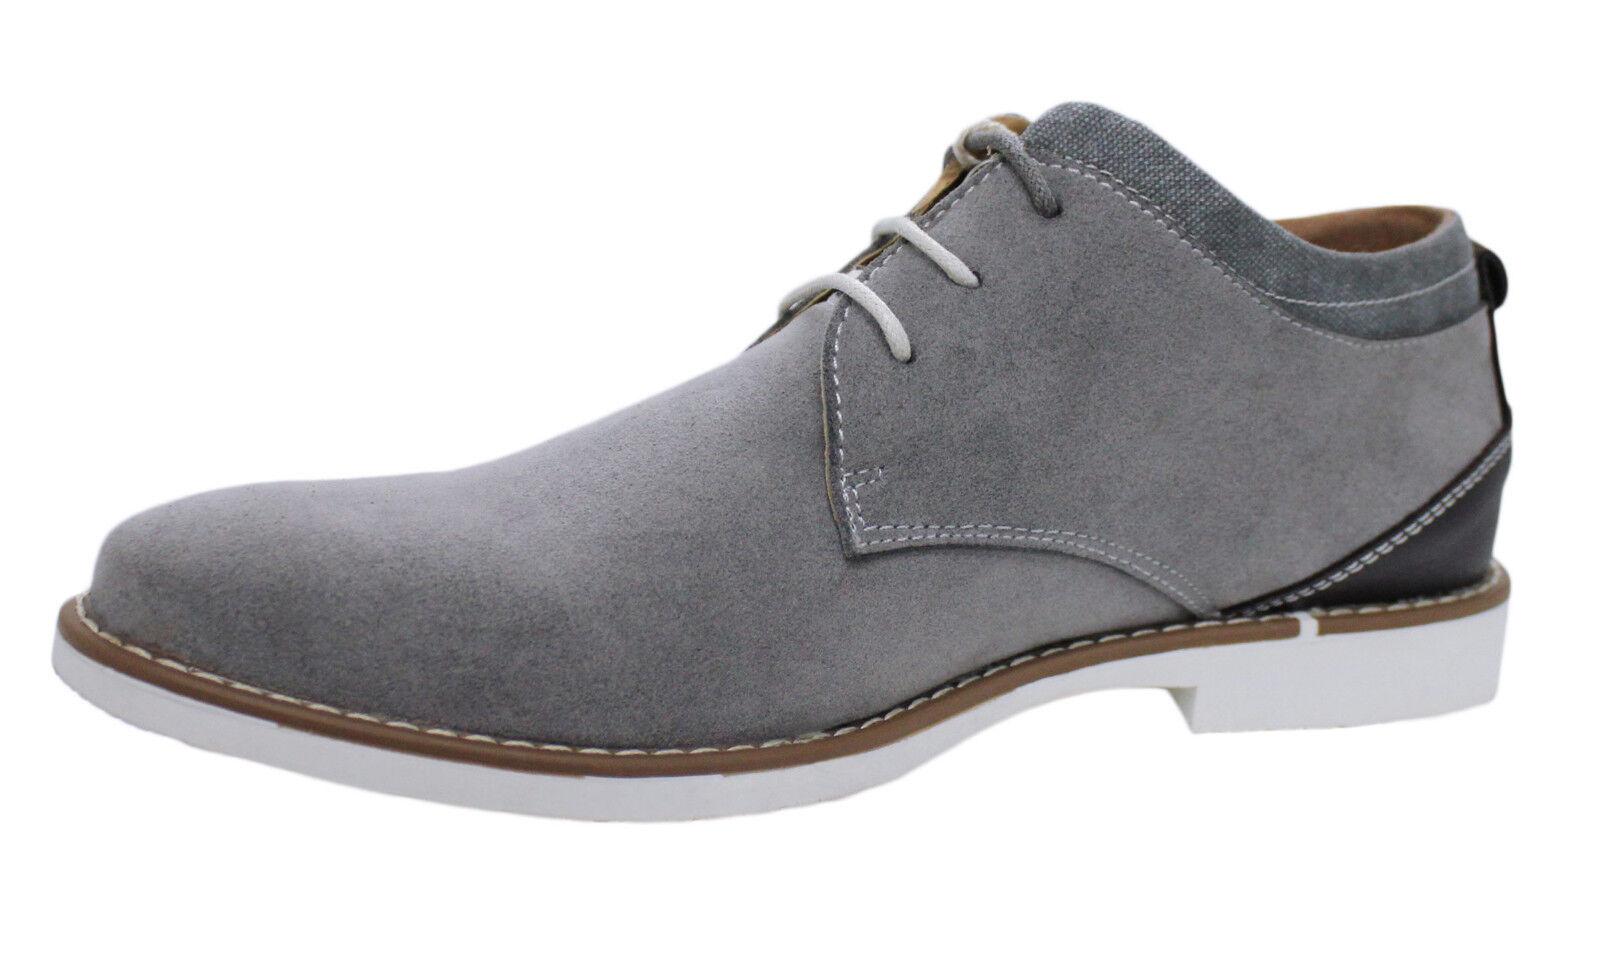 DESERT BOOTS HOMME grey EN DAIM CASUAL shoes MAN'S de 40 a 45